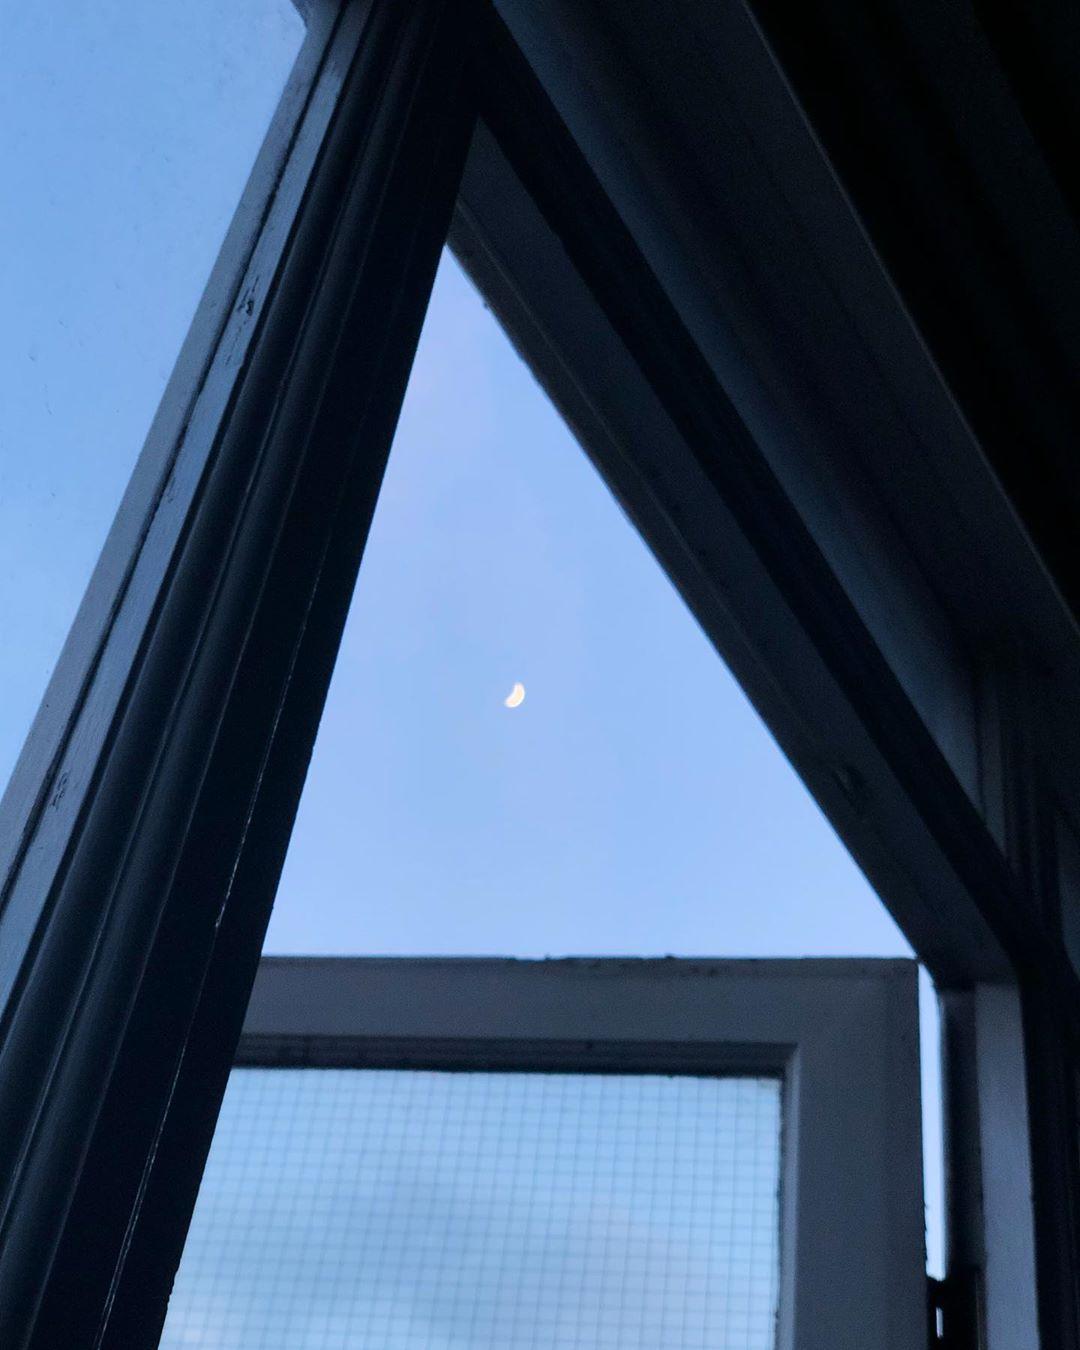 John Maus - Hey Moon